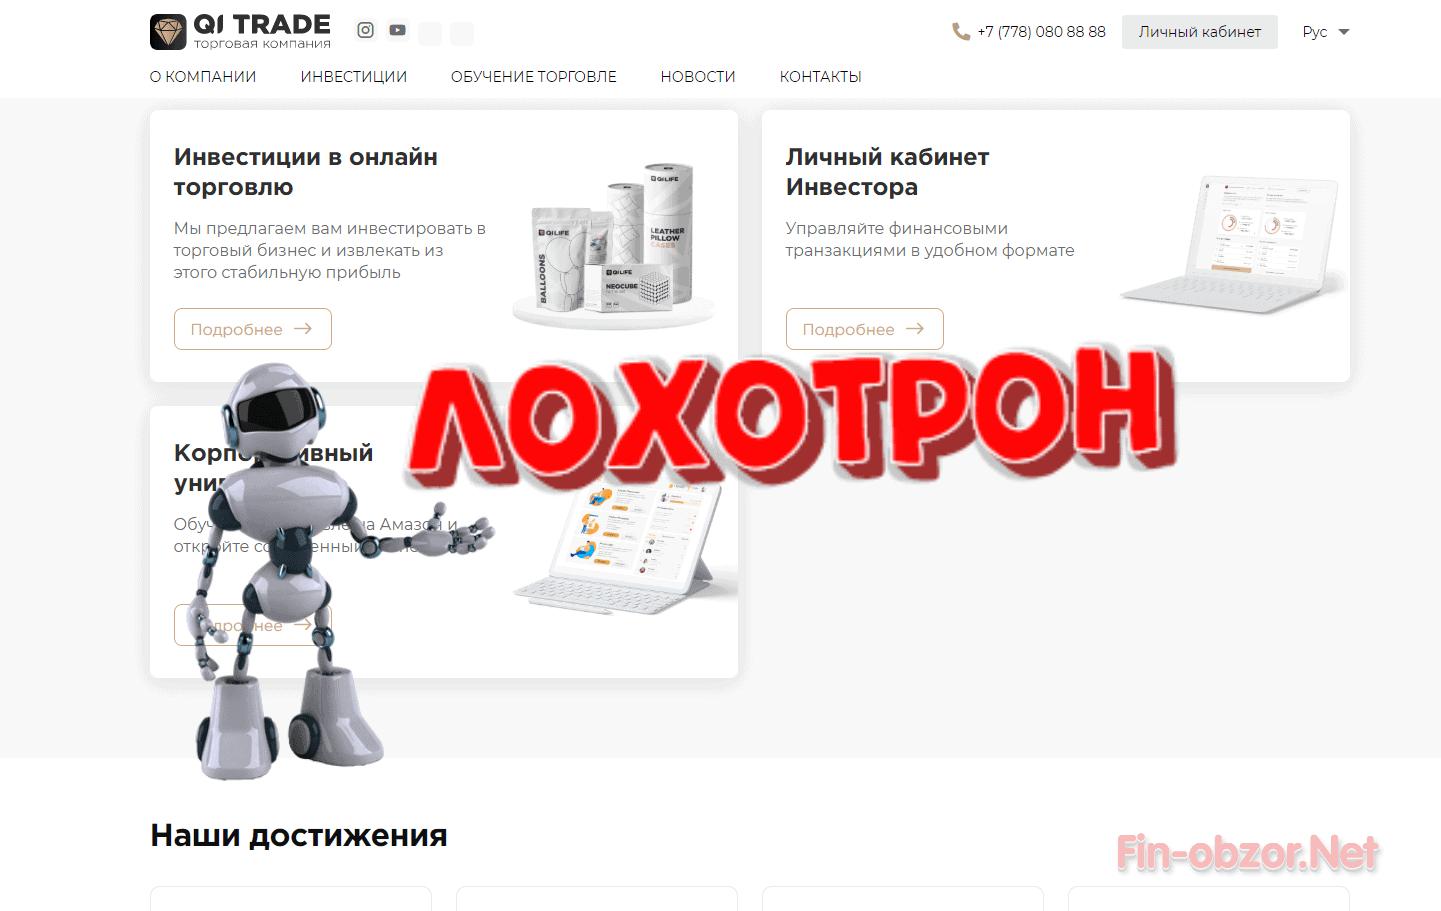 QI Trade (qitrade.ltd) — отзывы и обзор компании из Казахстана